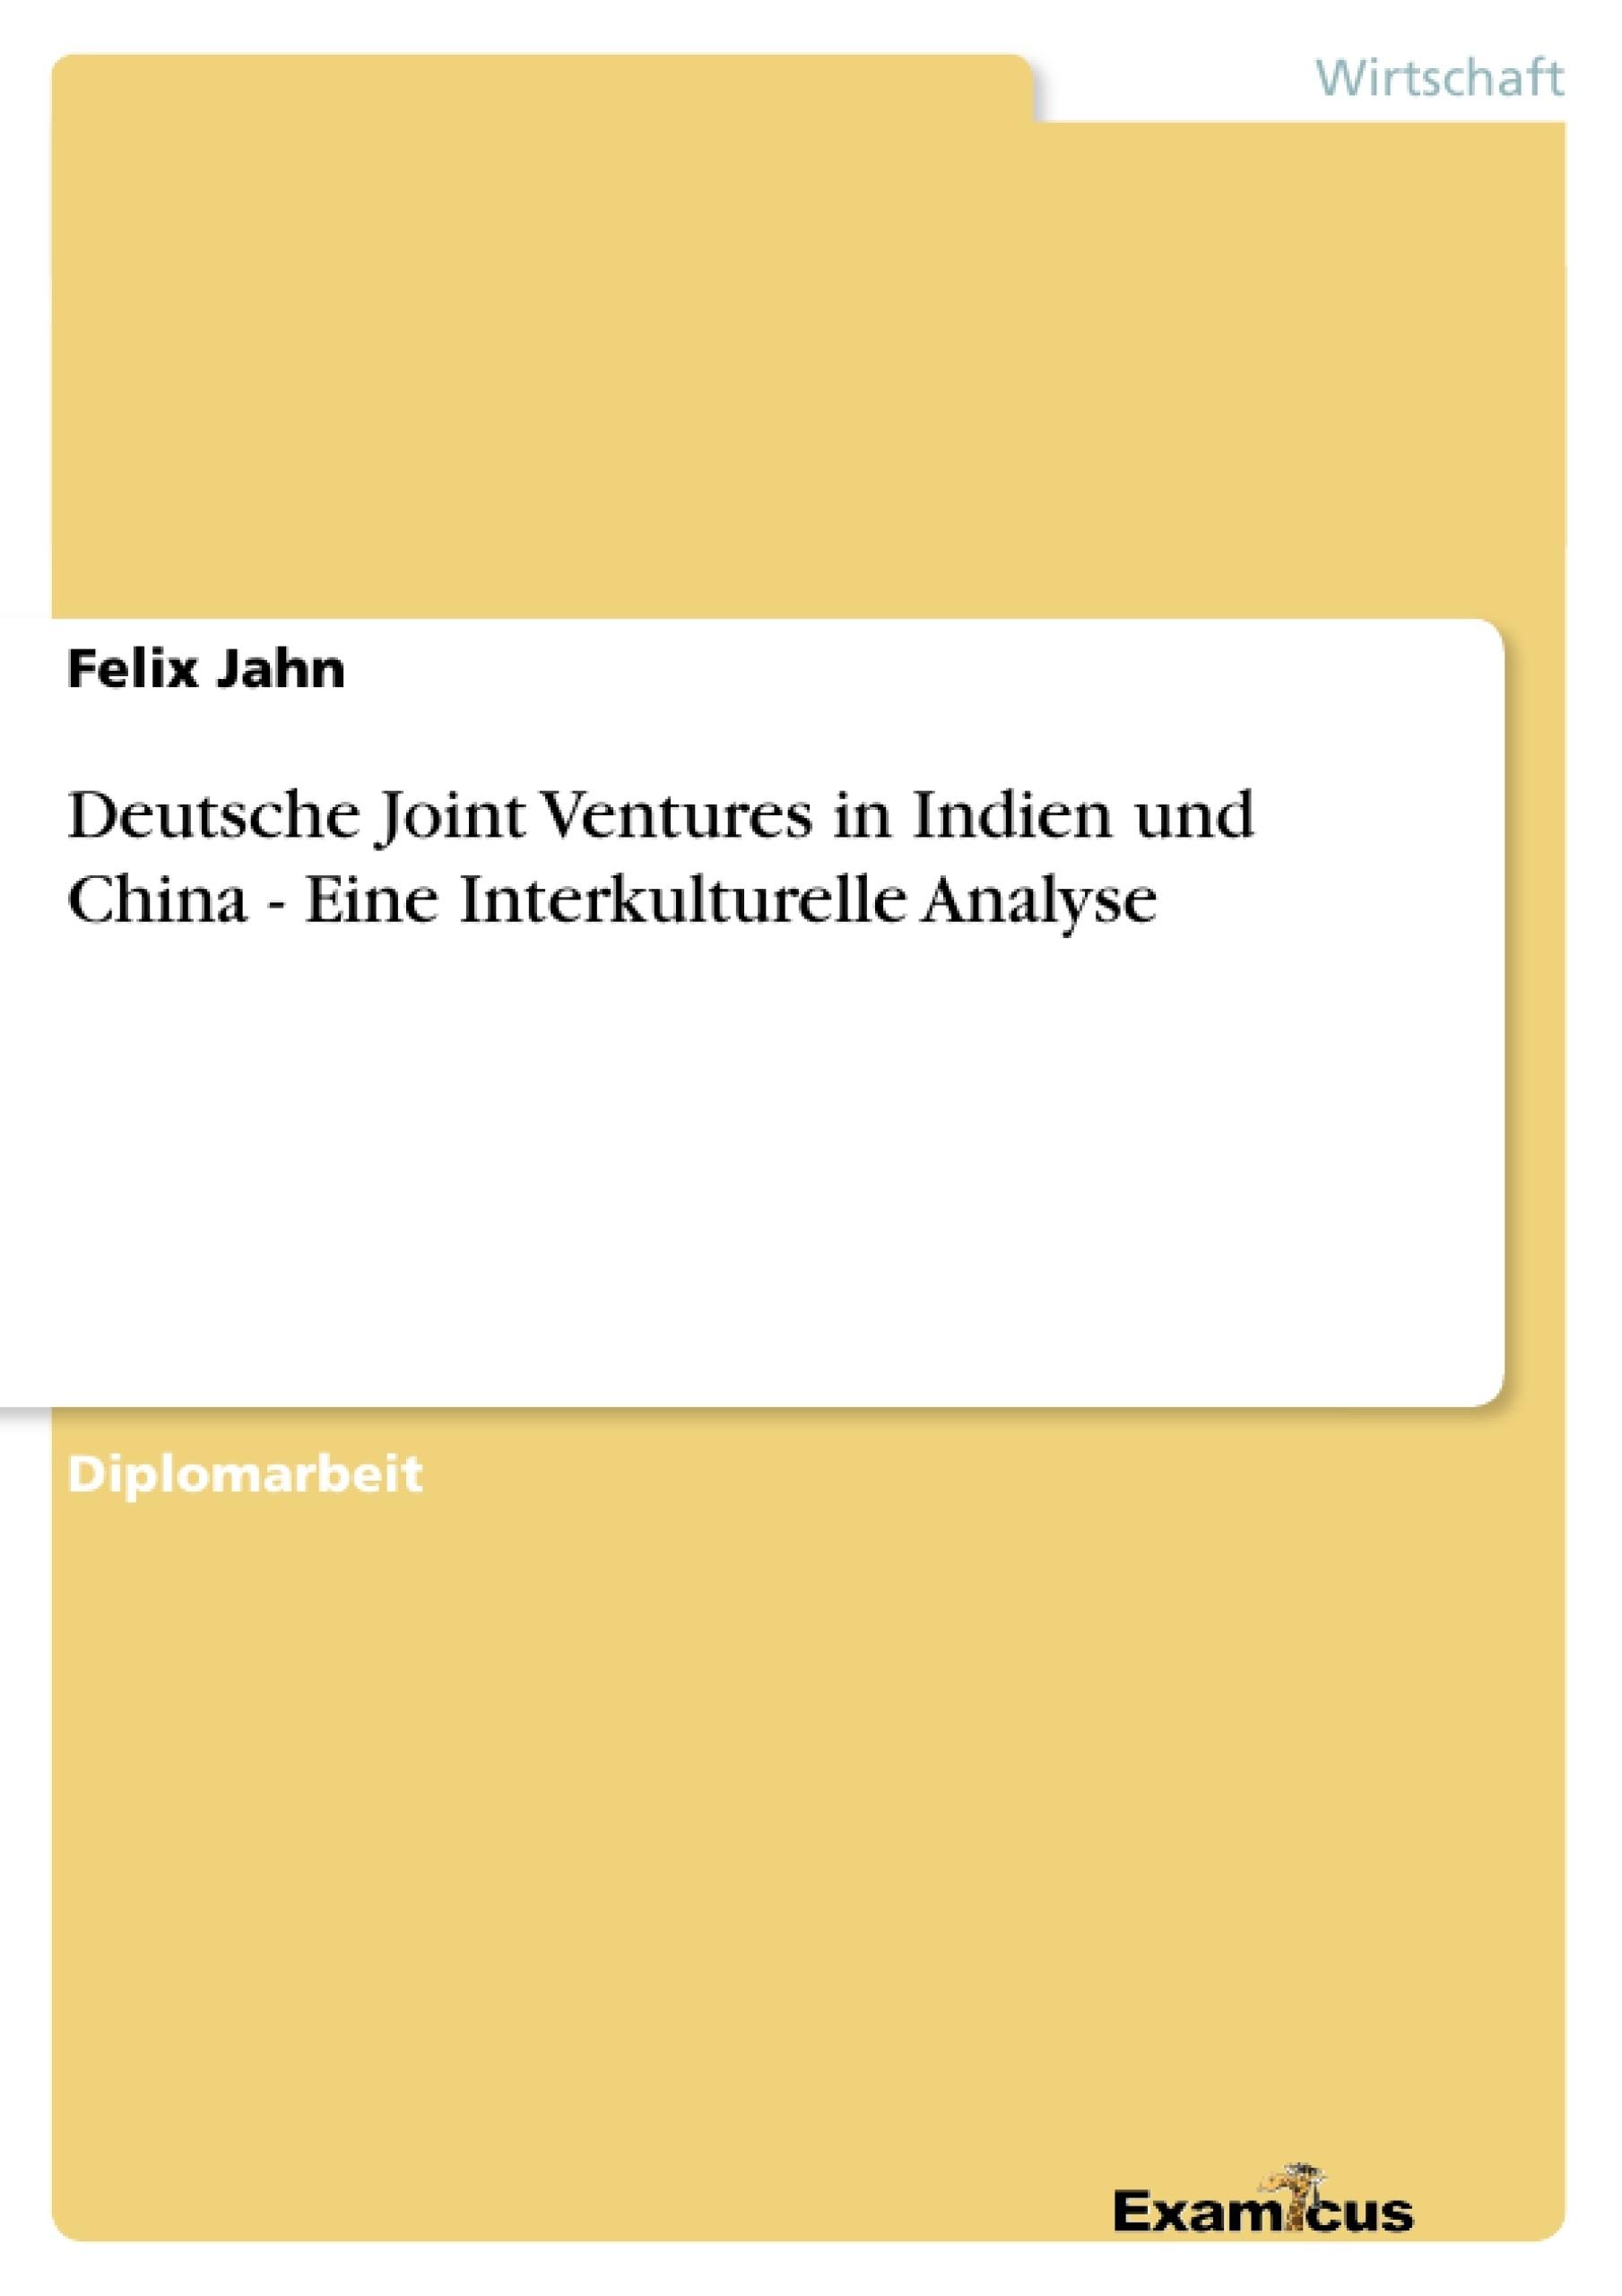 Titel: Deutsche Joint Ventures in Indien und China - Eine Interkulturelle Analyse